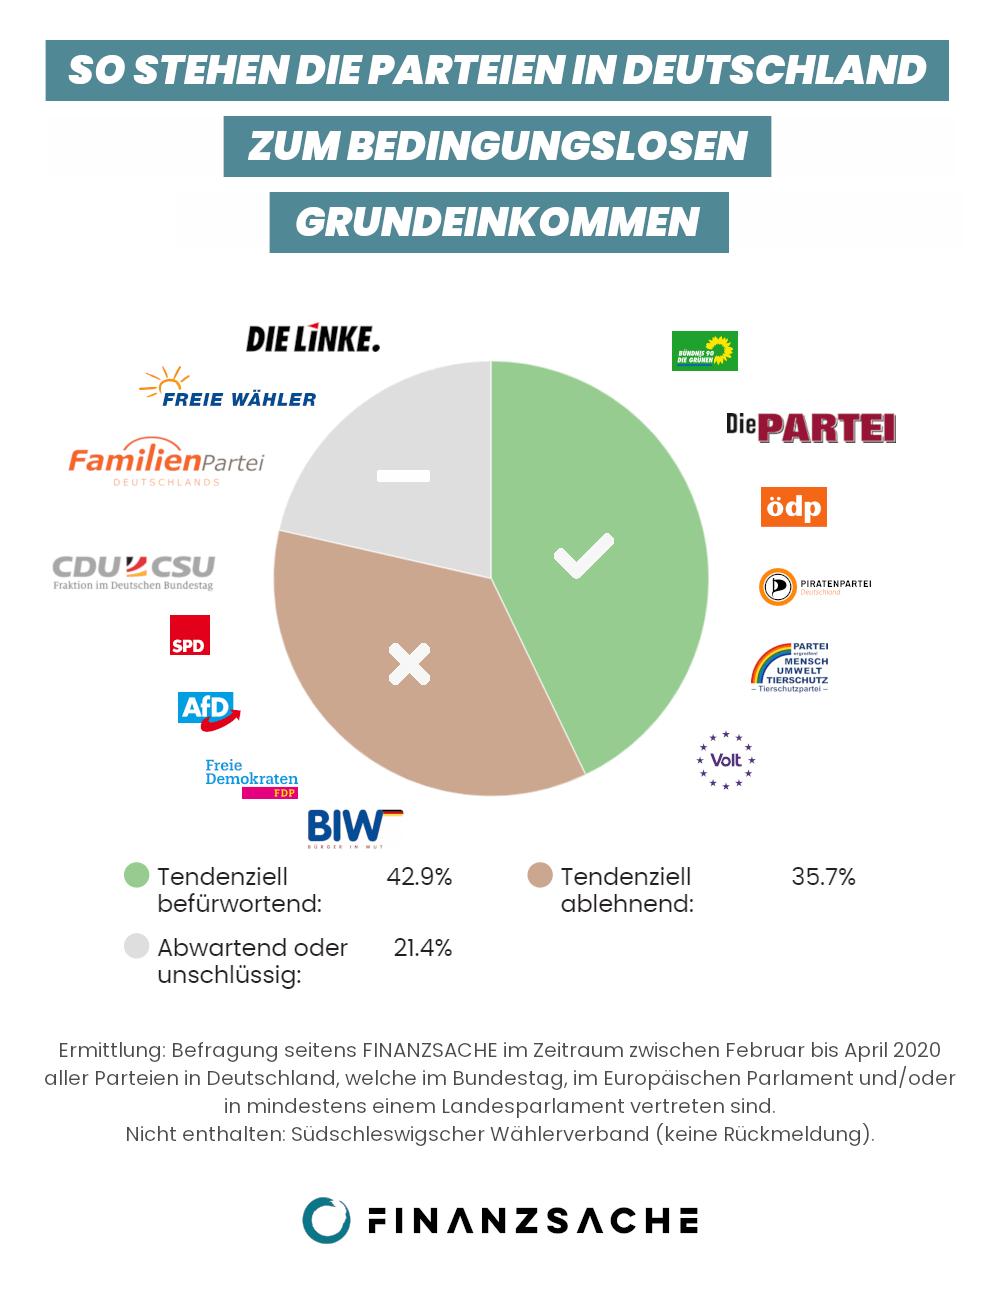 Bedingungsloses Grundeinkommen Umfrageergebnisse Deutschland